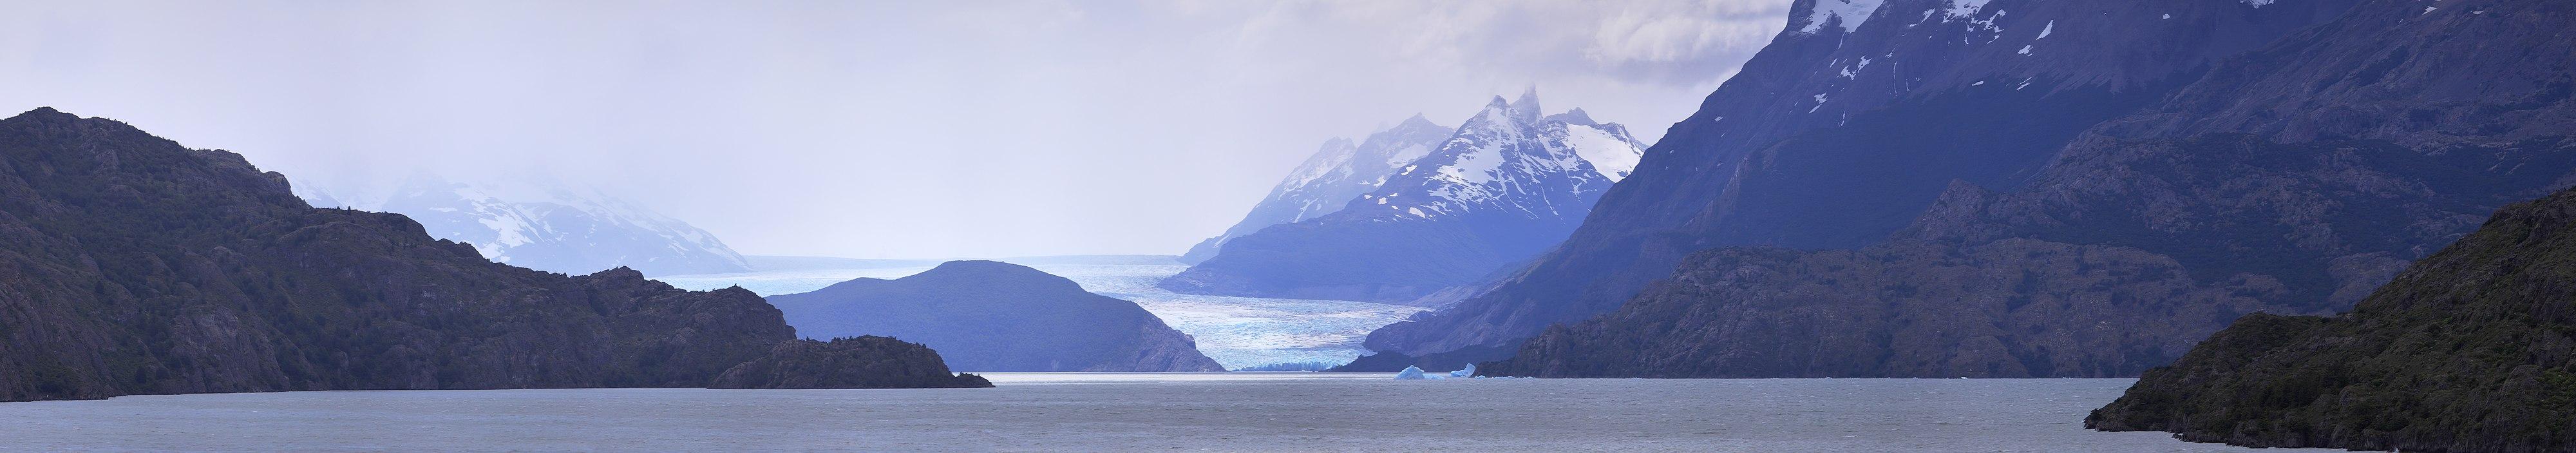 176 - Torres del Paines - Glacier Grey - Janvier 2010.jpg